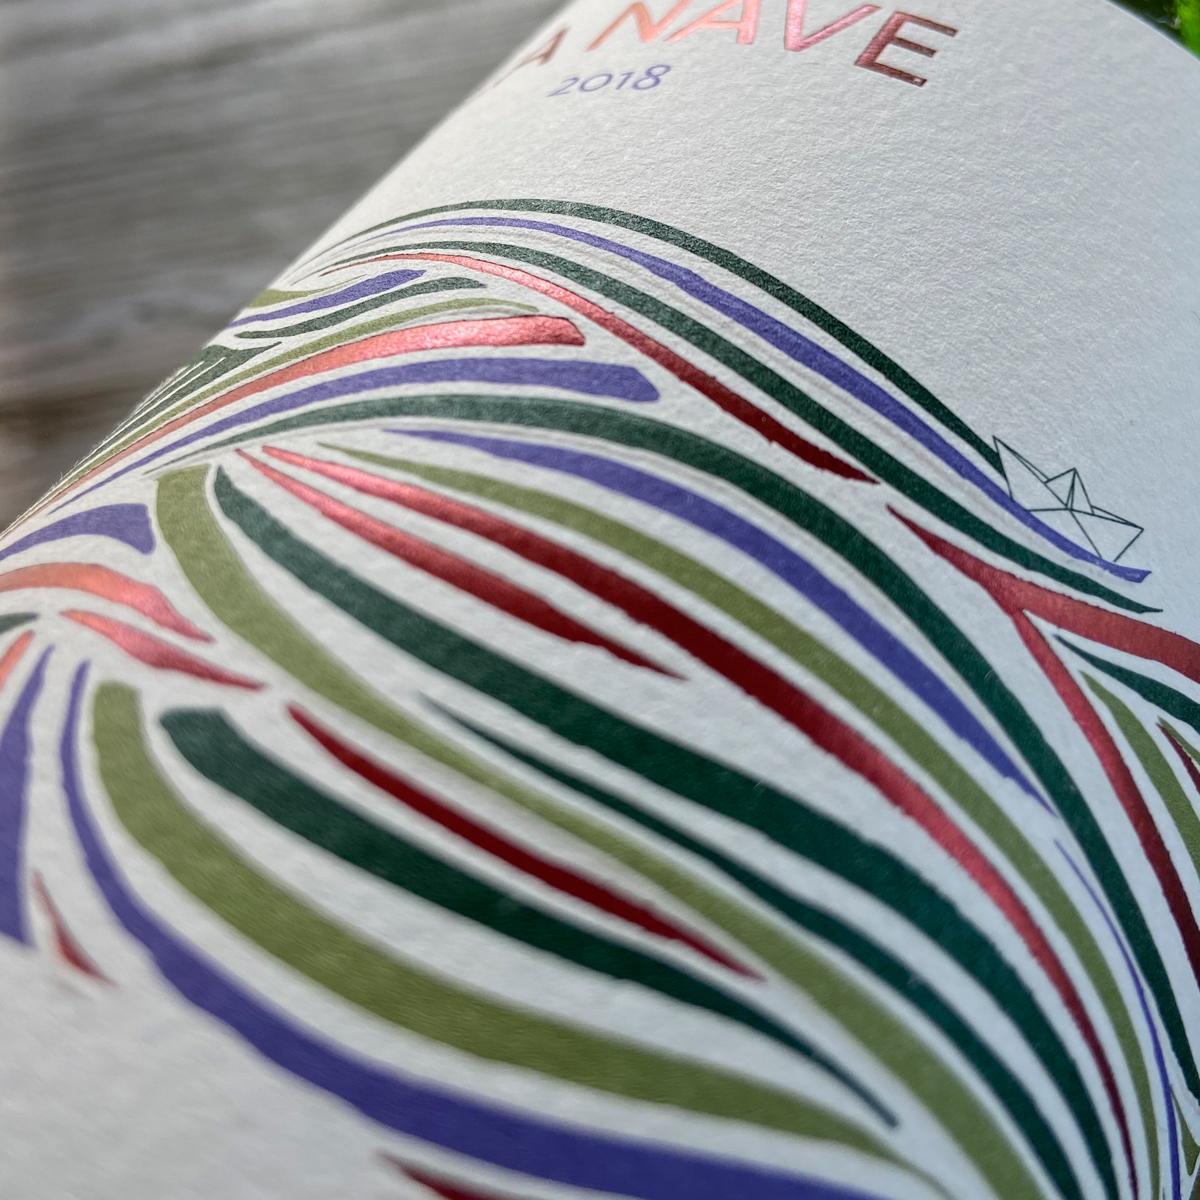 La Nave, MacRobert & Canals